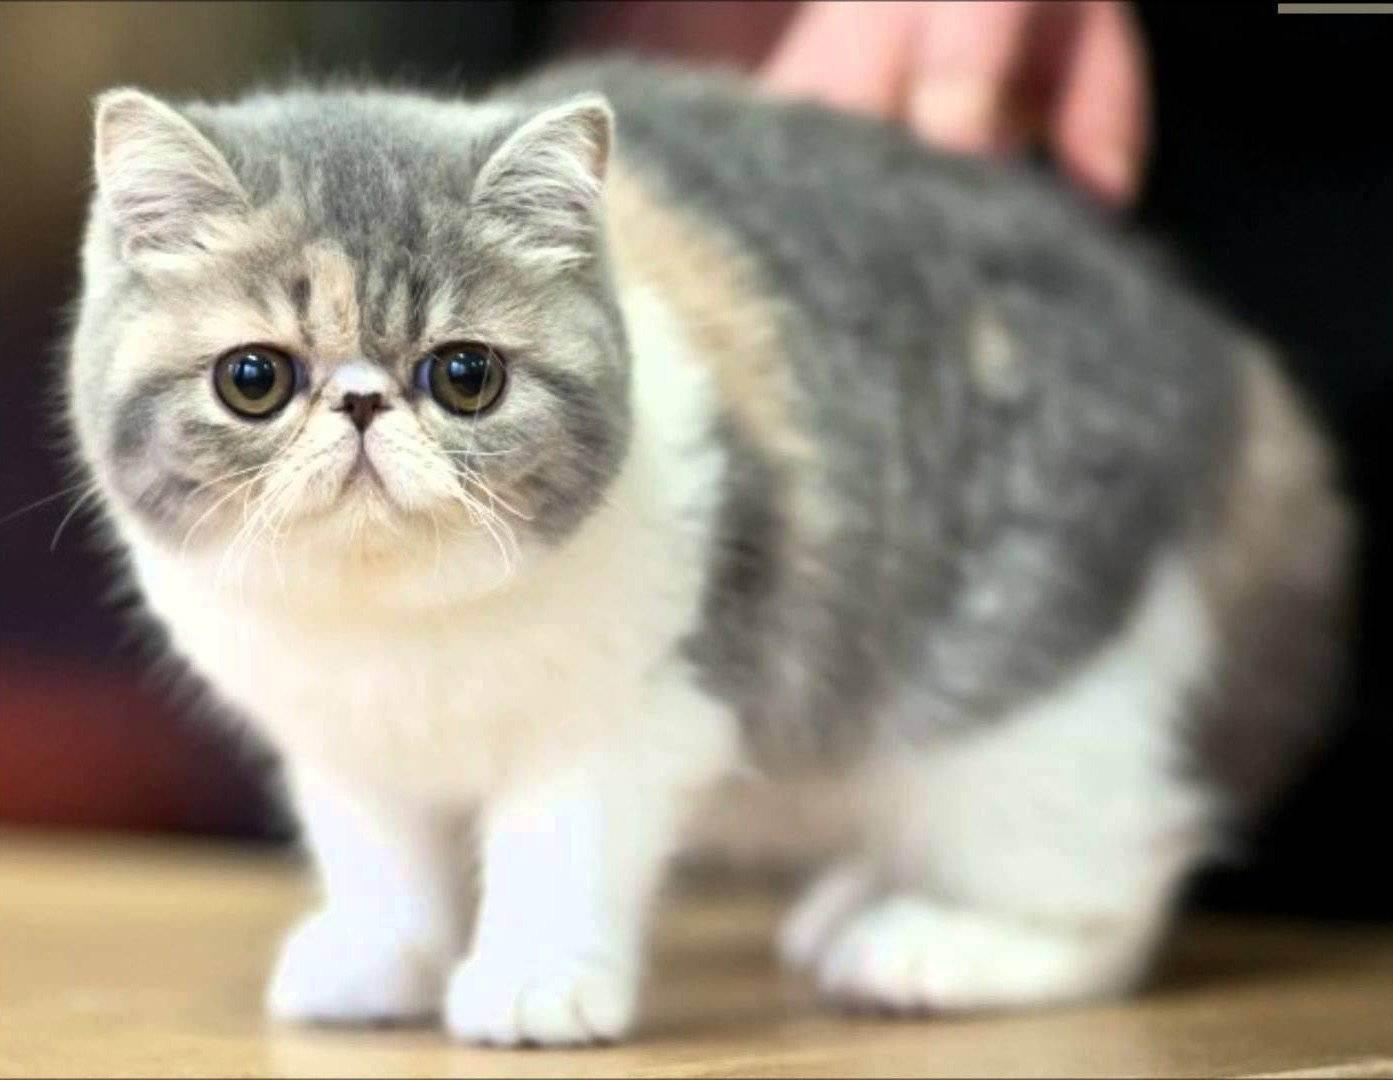 Кот храпит и дёргается во сне - это нормально или признак болезни